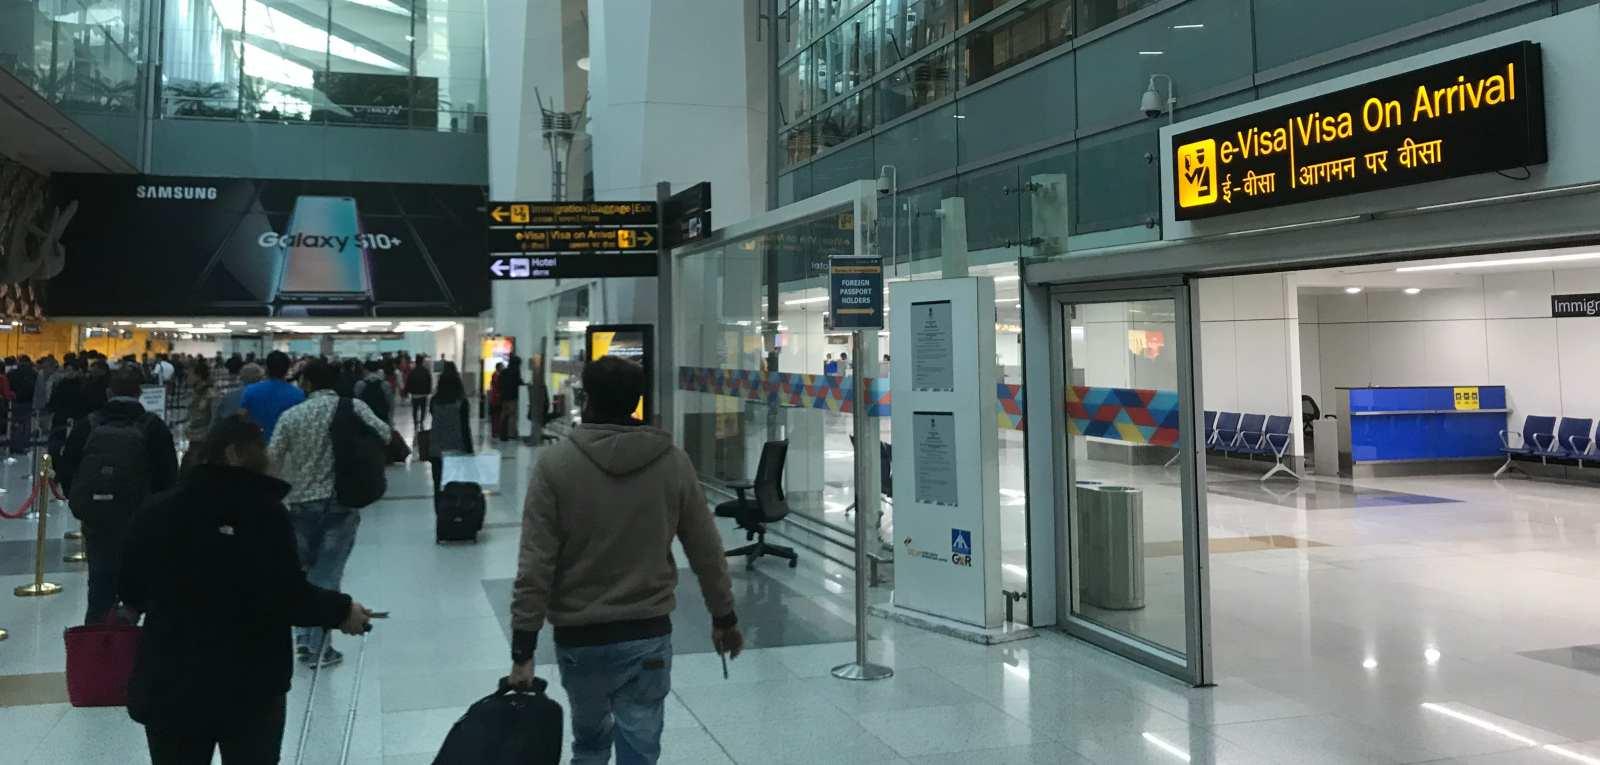 Flughafen Delhi Visum on Arrival